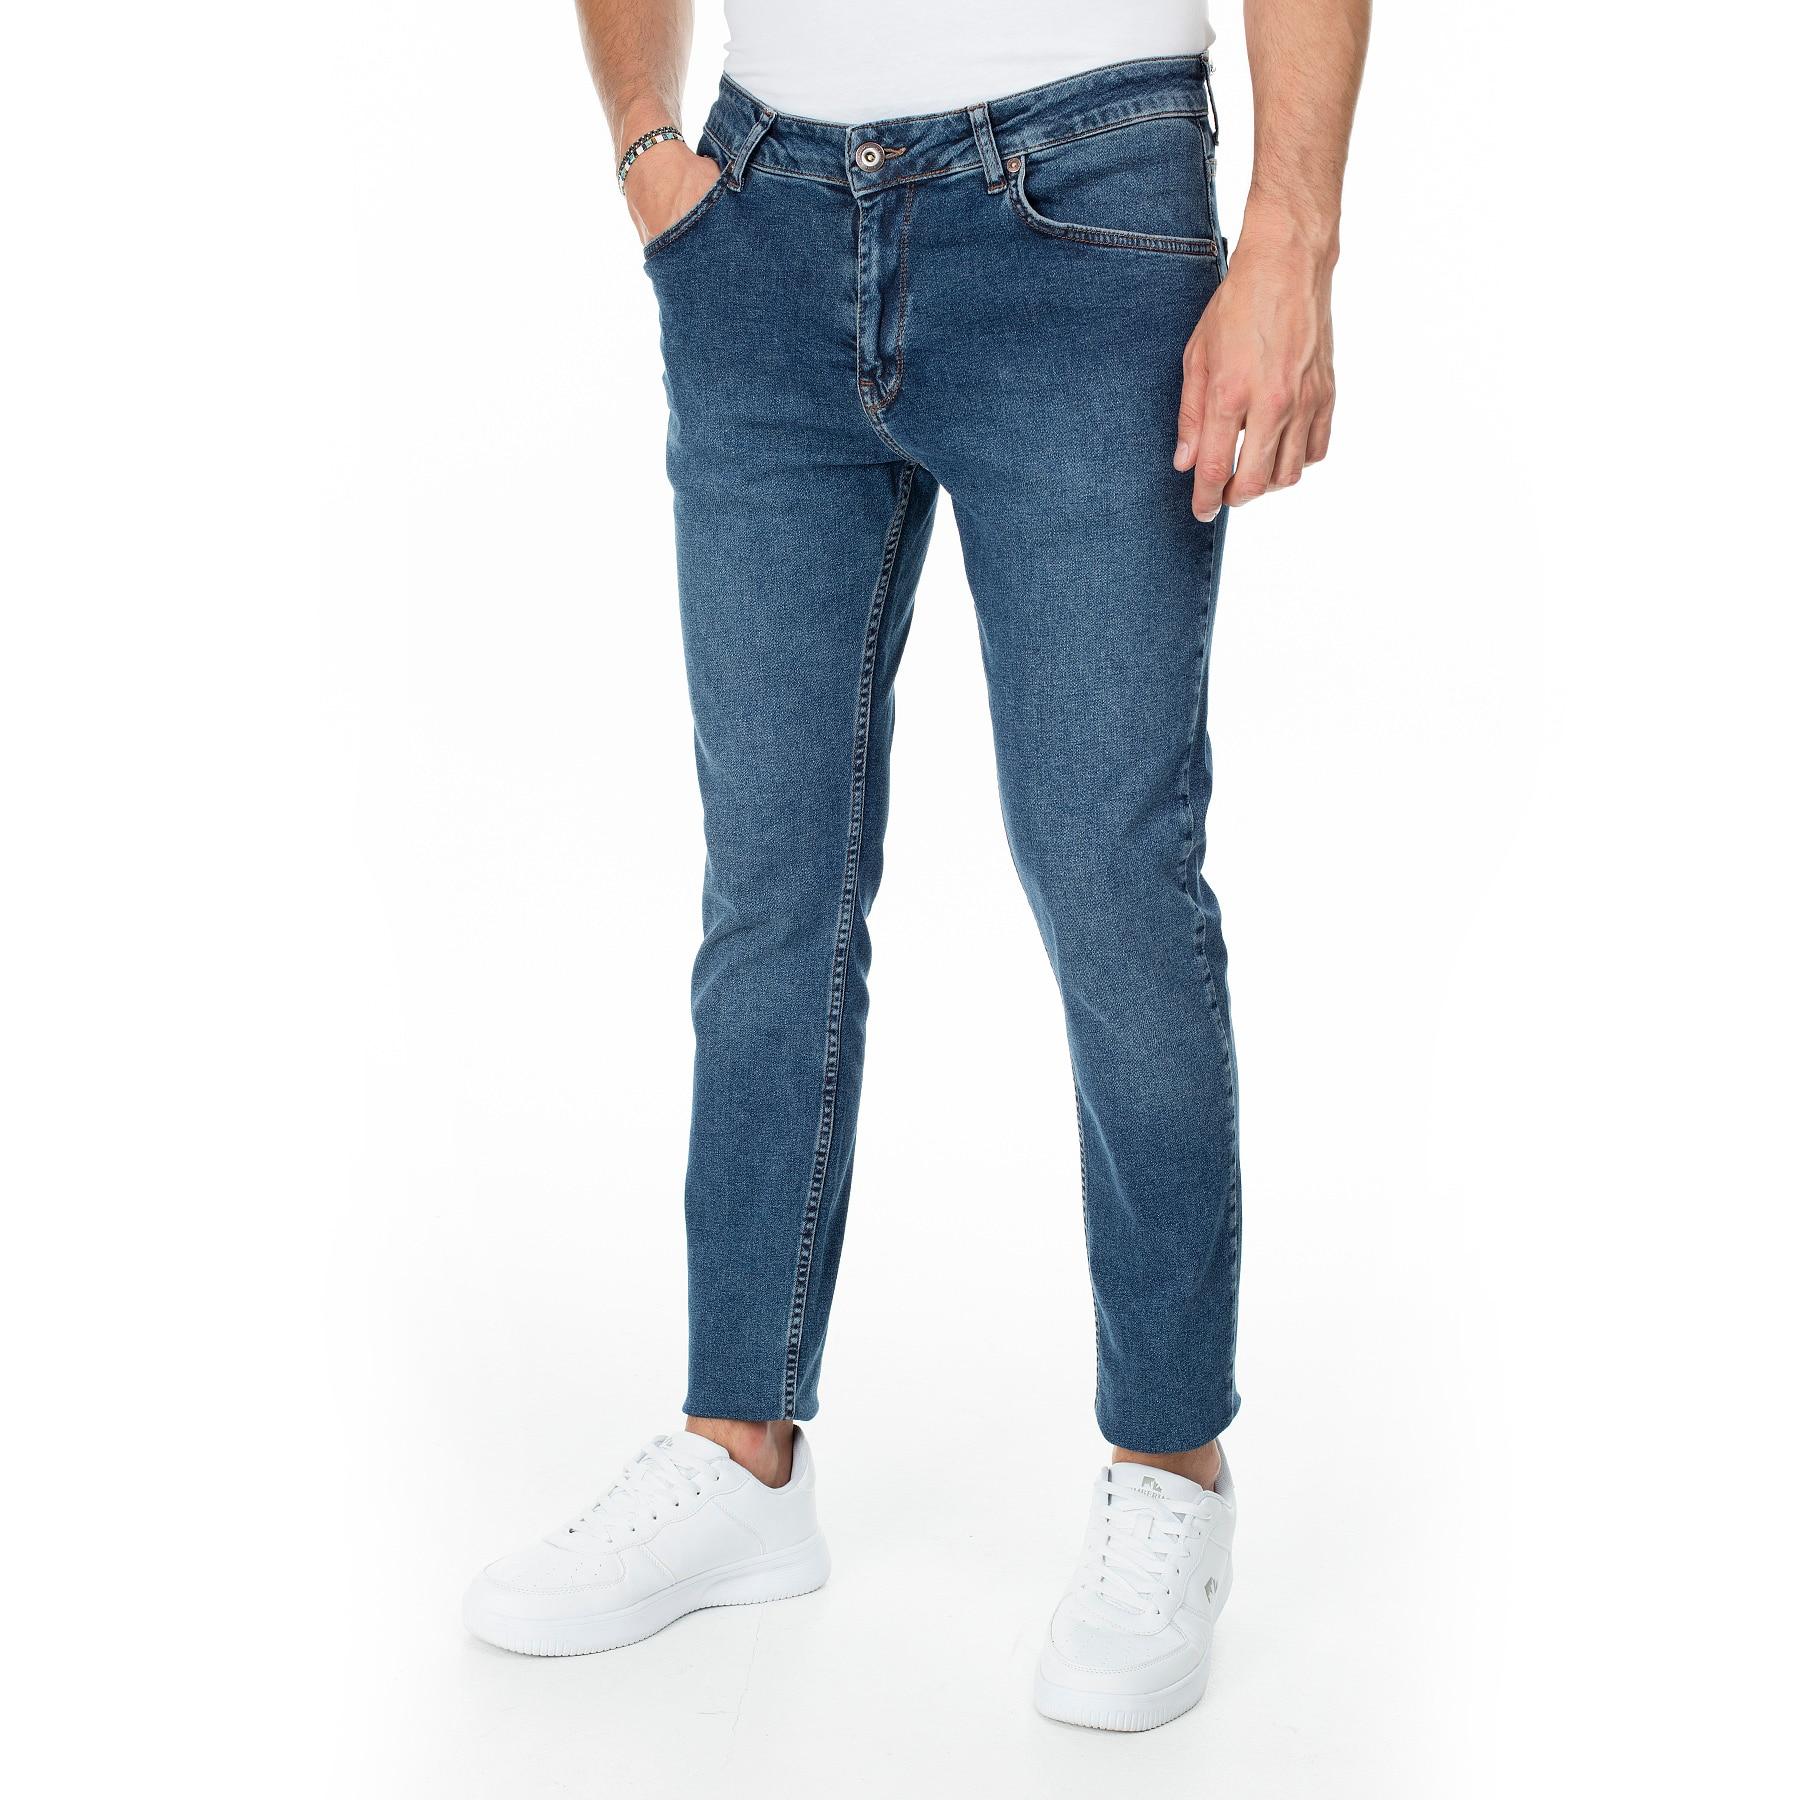 Buratti Regular Fit Jeans MEN'S Jeans PANTS 7267 N811ZAGOR